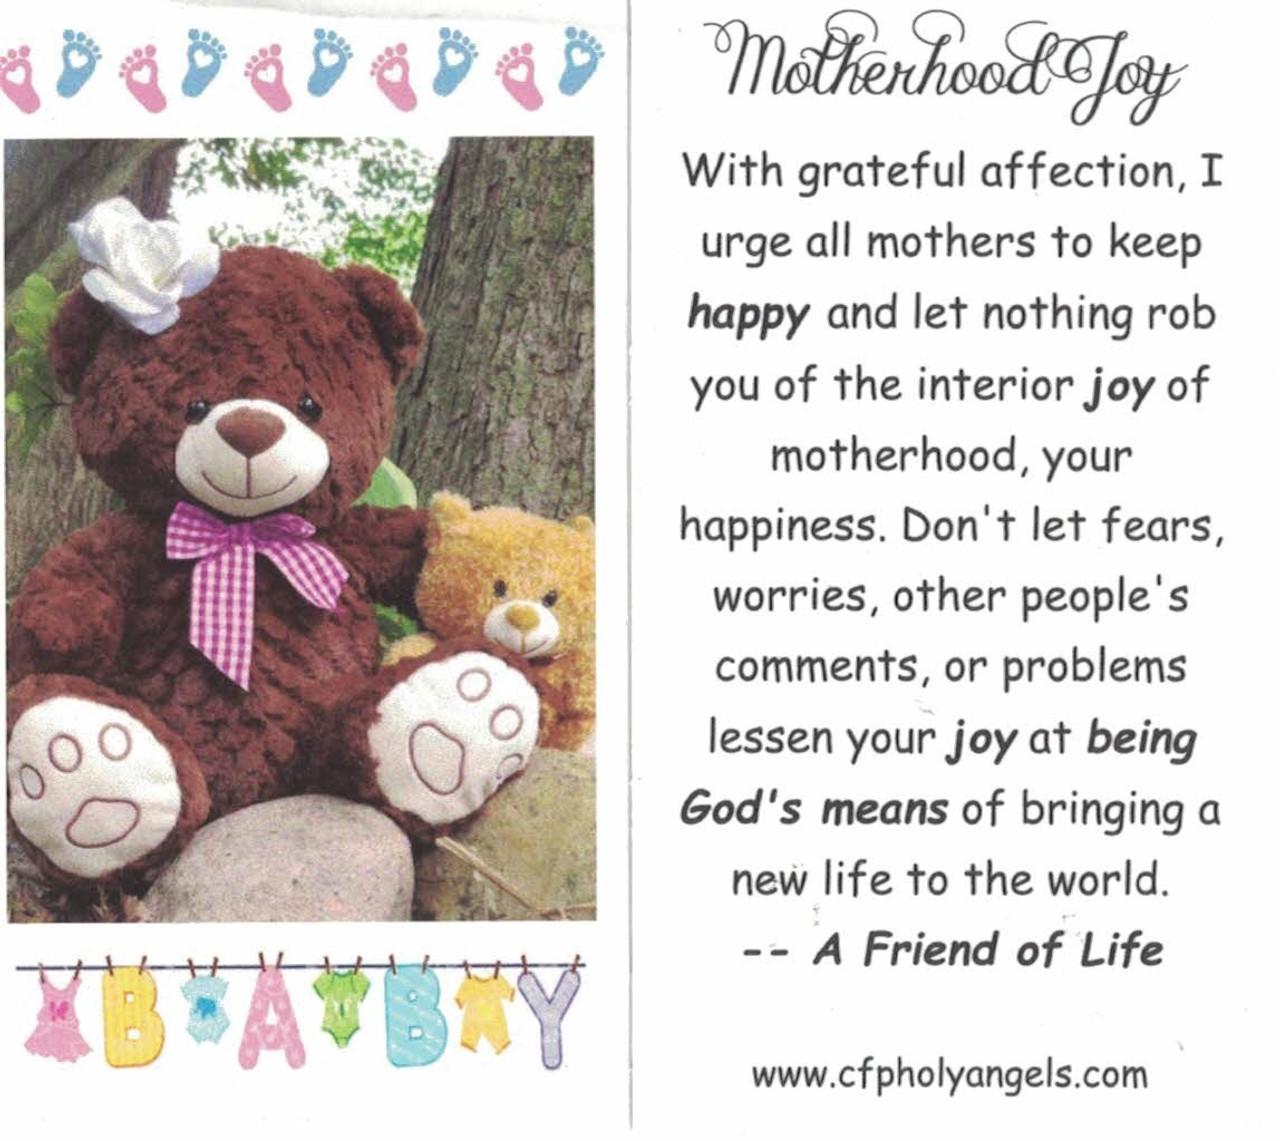 Motherhood Joy Prayer Card